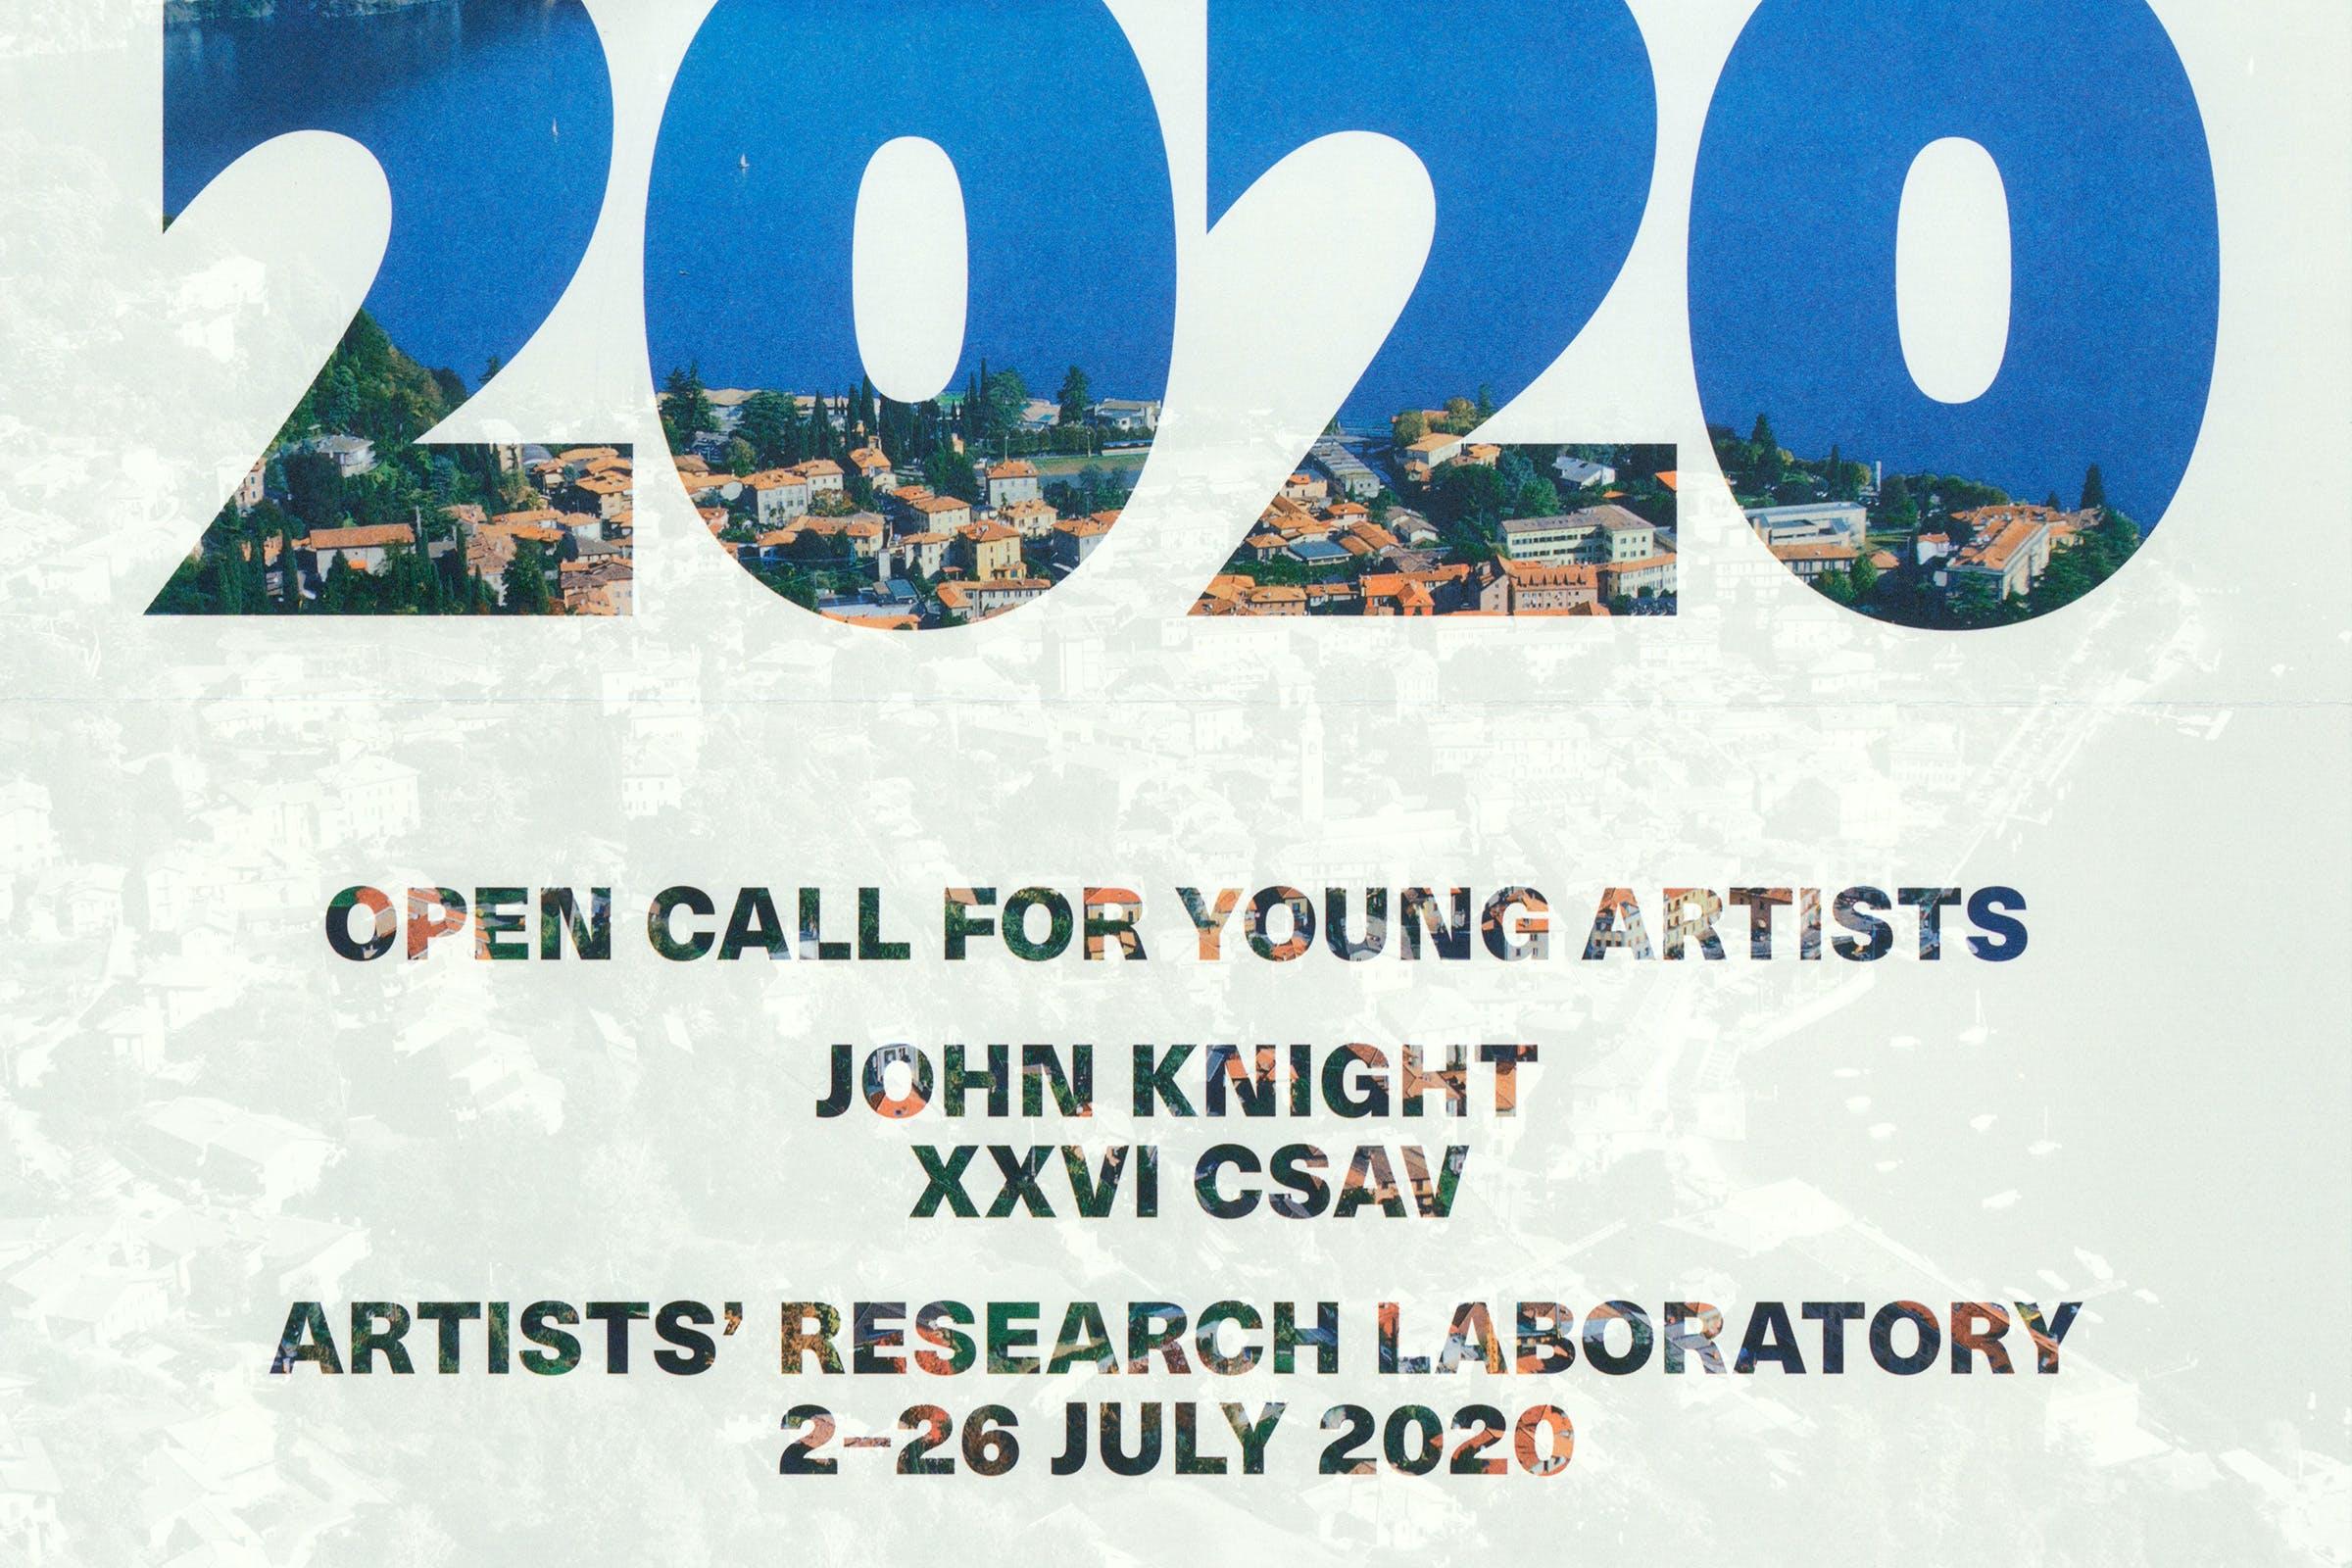 Fondazione Antonio Ratti, XXVI CSAV Artists' Research Laboratory, COMO 2020, Graphic Design by Wolfe Hall